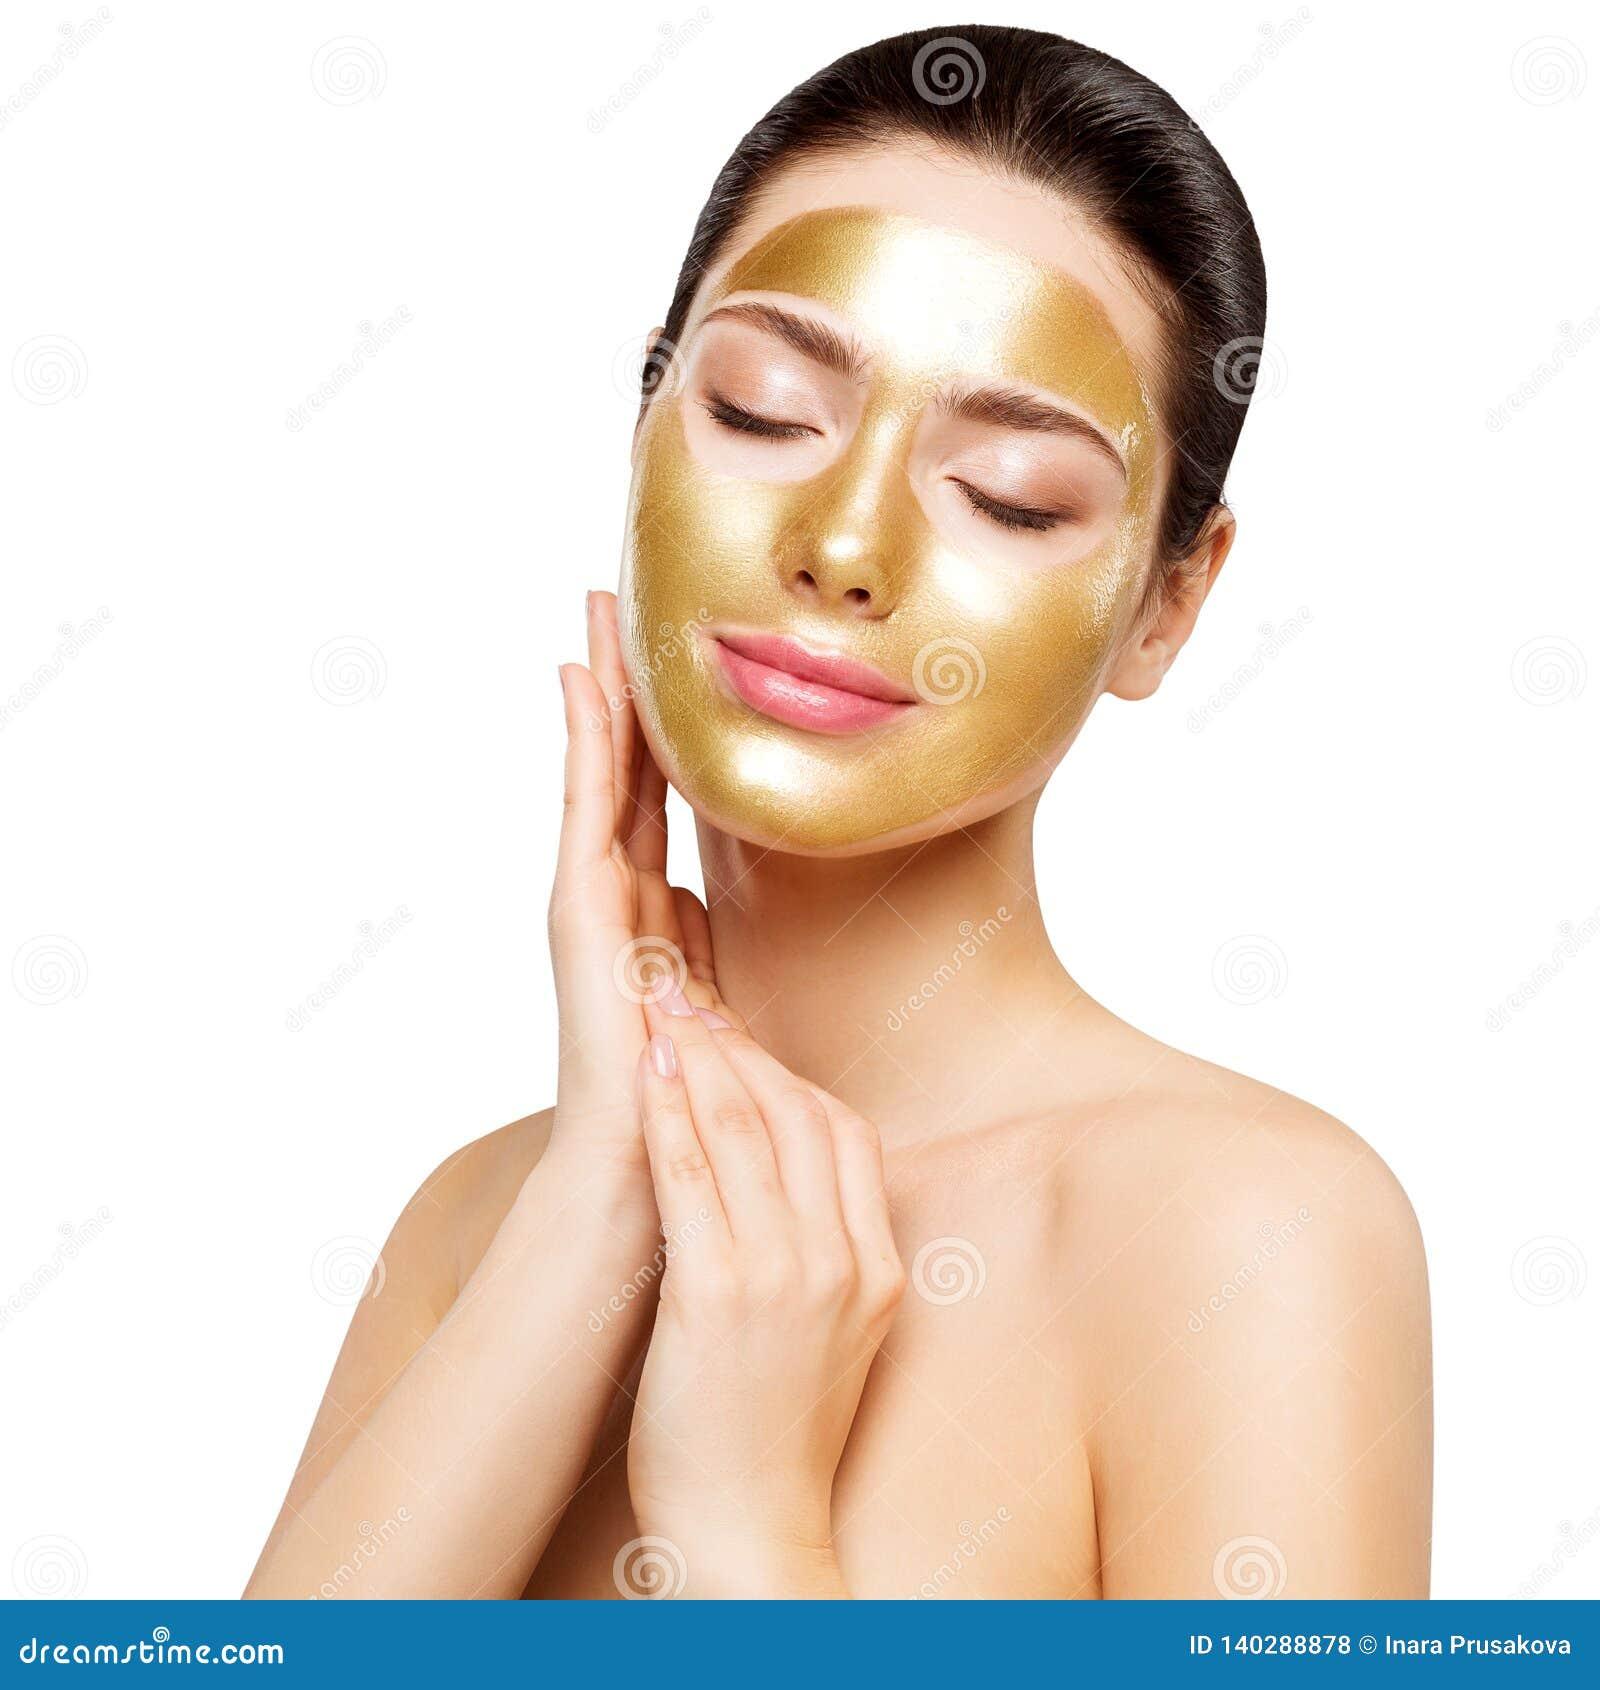 Máscara do ouro da mulher, modelo bonito com a cara cosmética do toque da pele dourada, beleza Skincare e tratamento